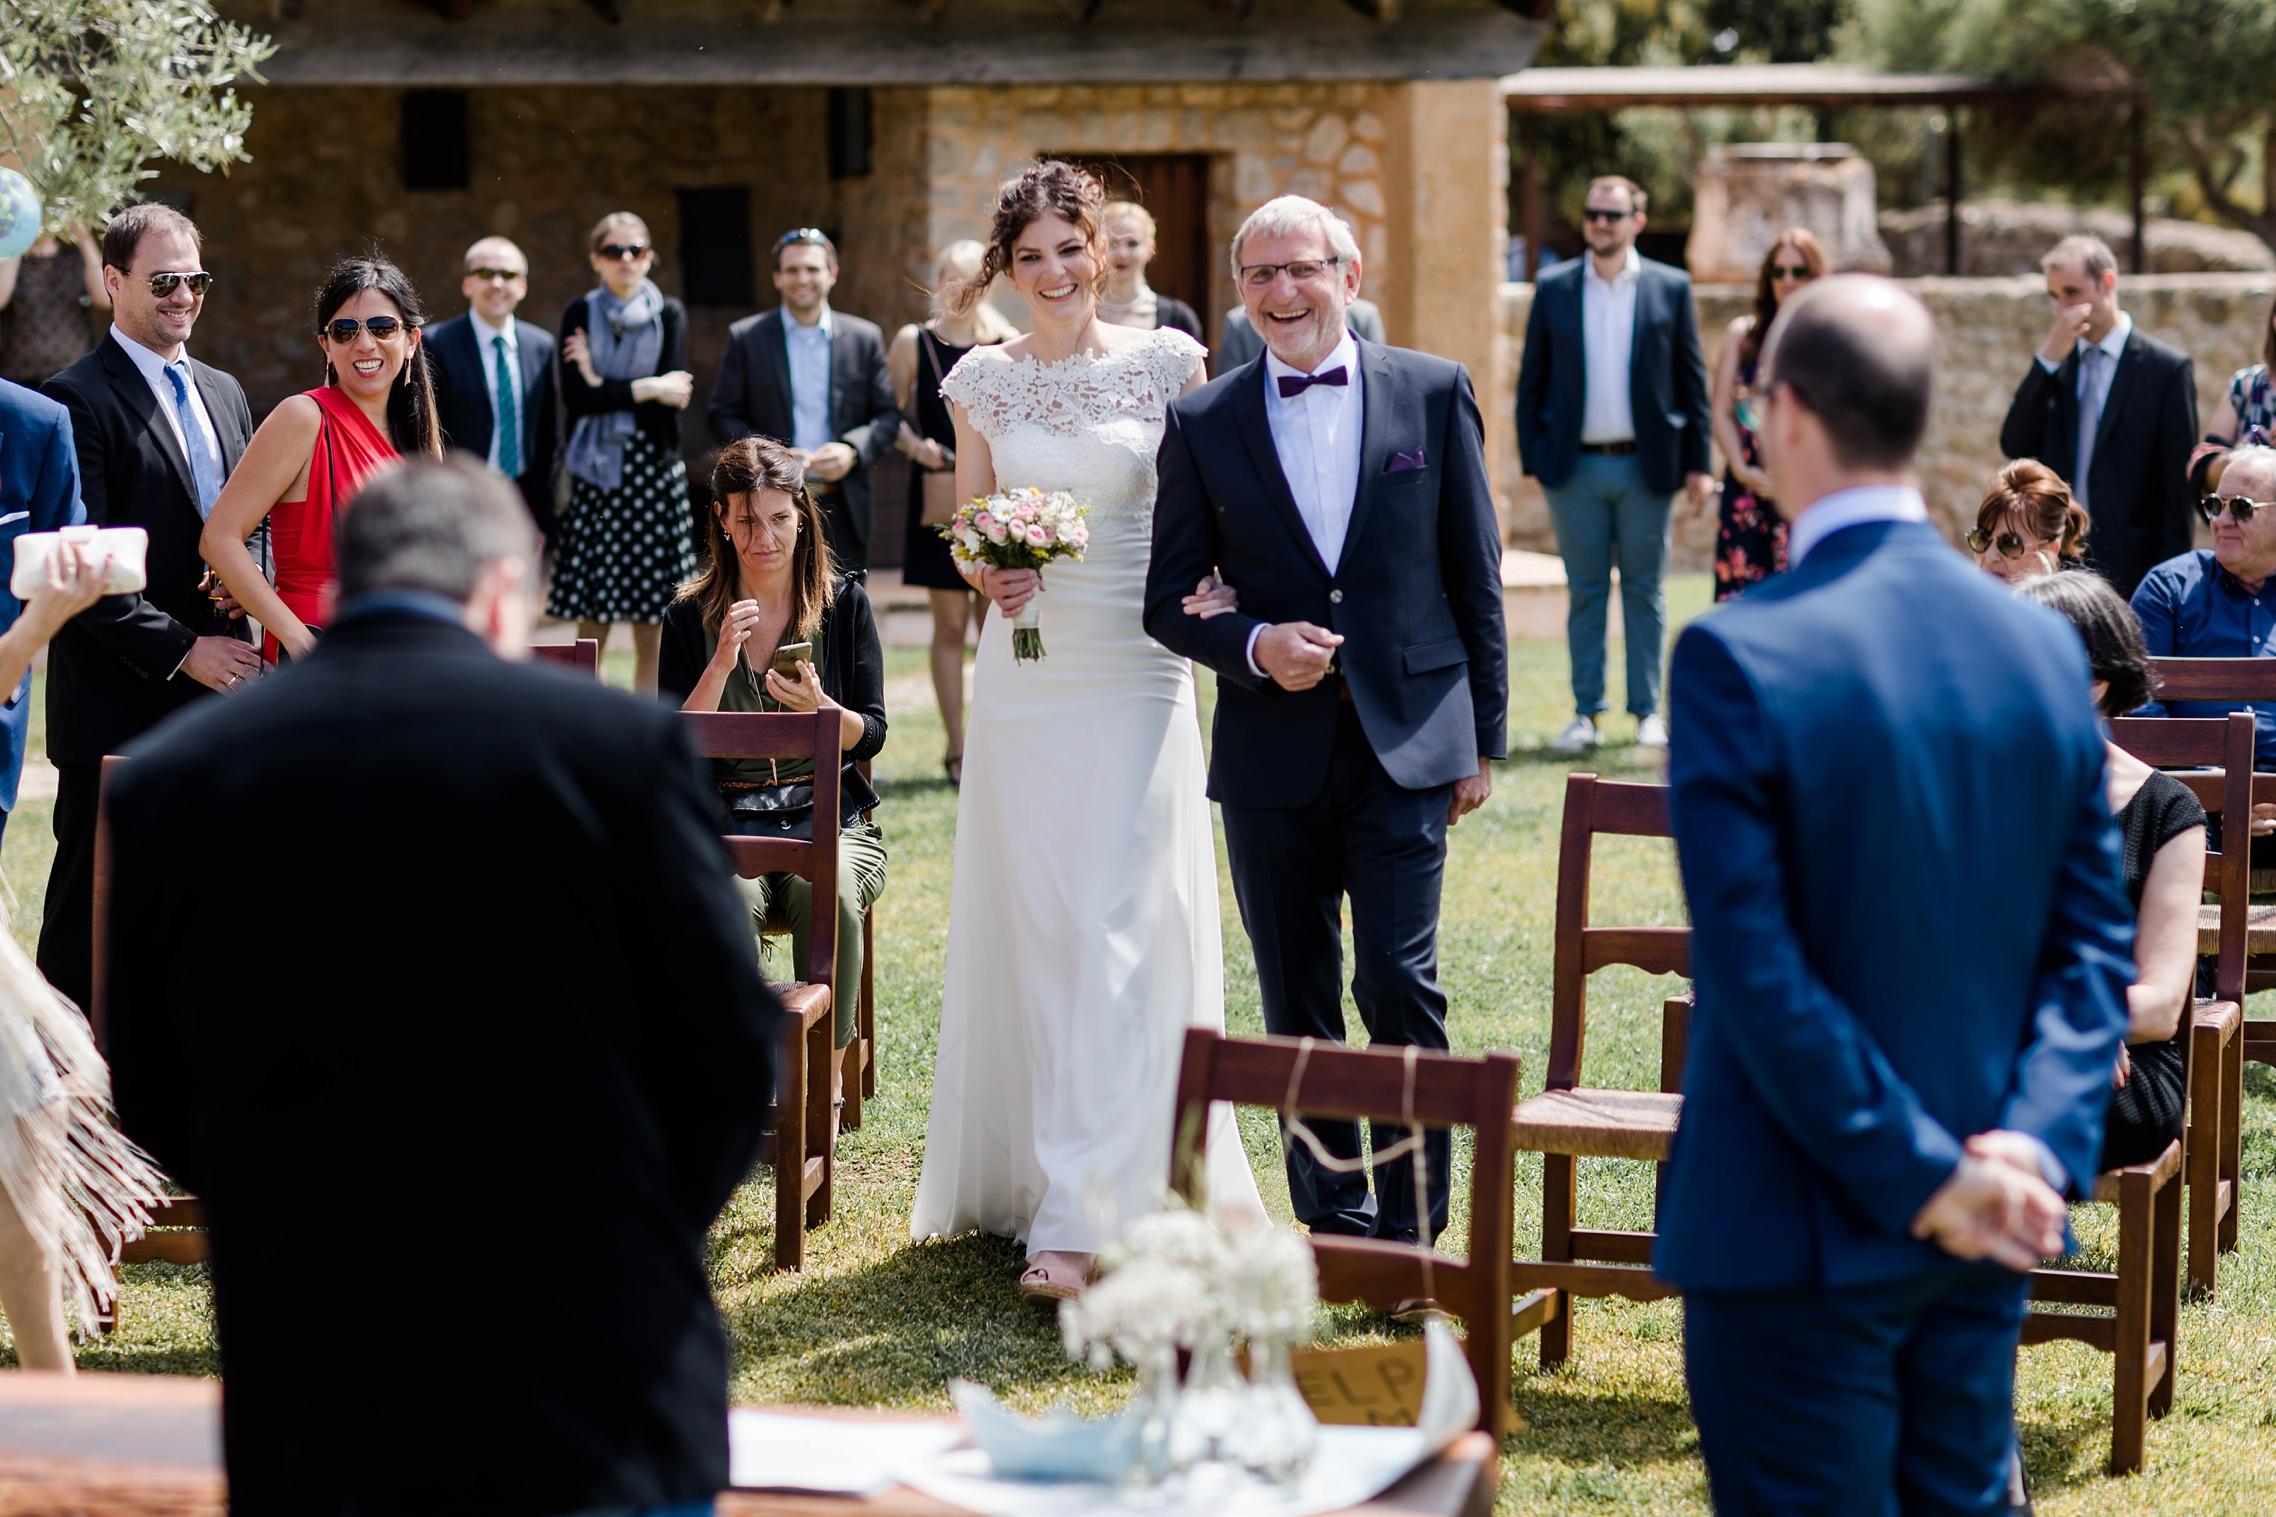 Der Brautvater führt auf der Finca-Hochzeit seine Tochter zur Trauung